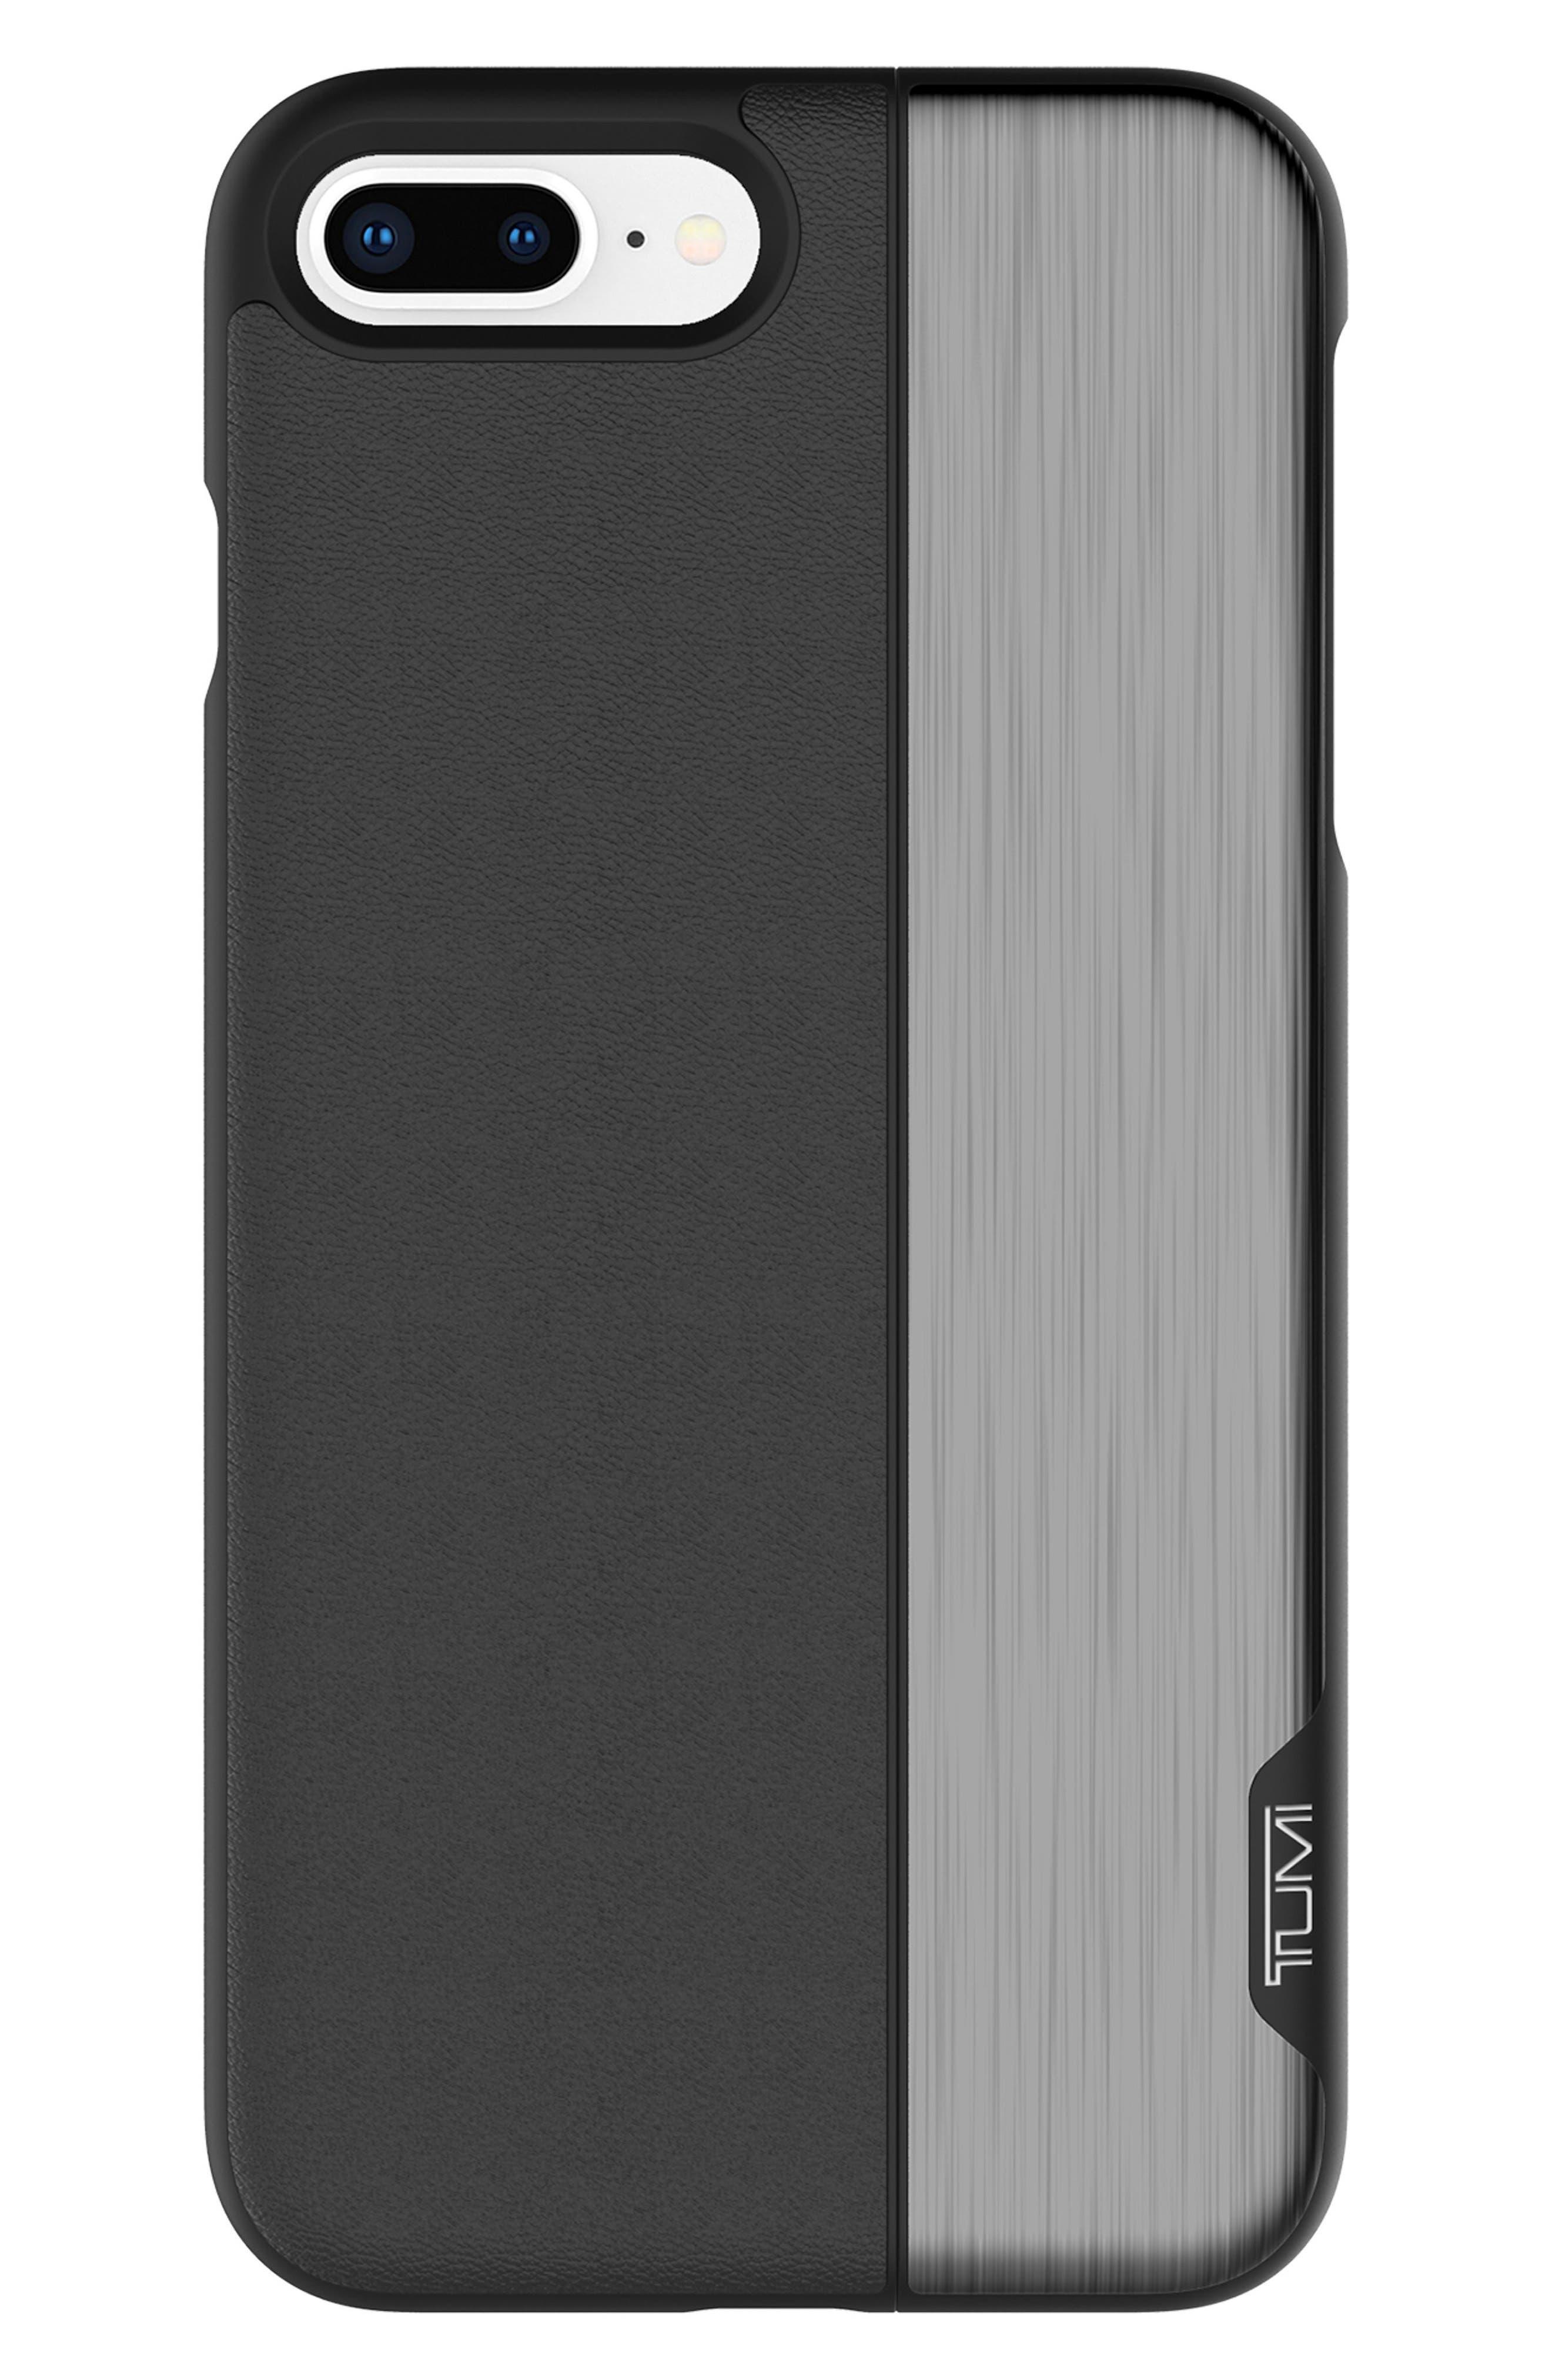 Tumi Slider iPhone 8 Plus Case